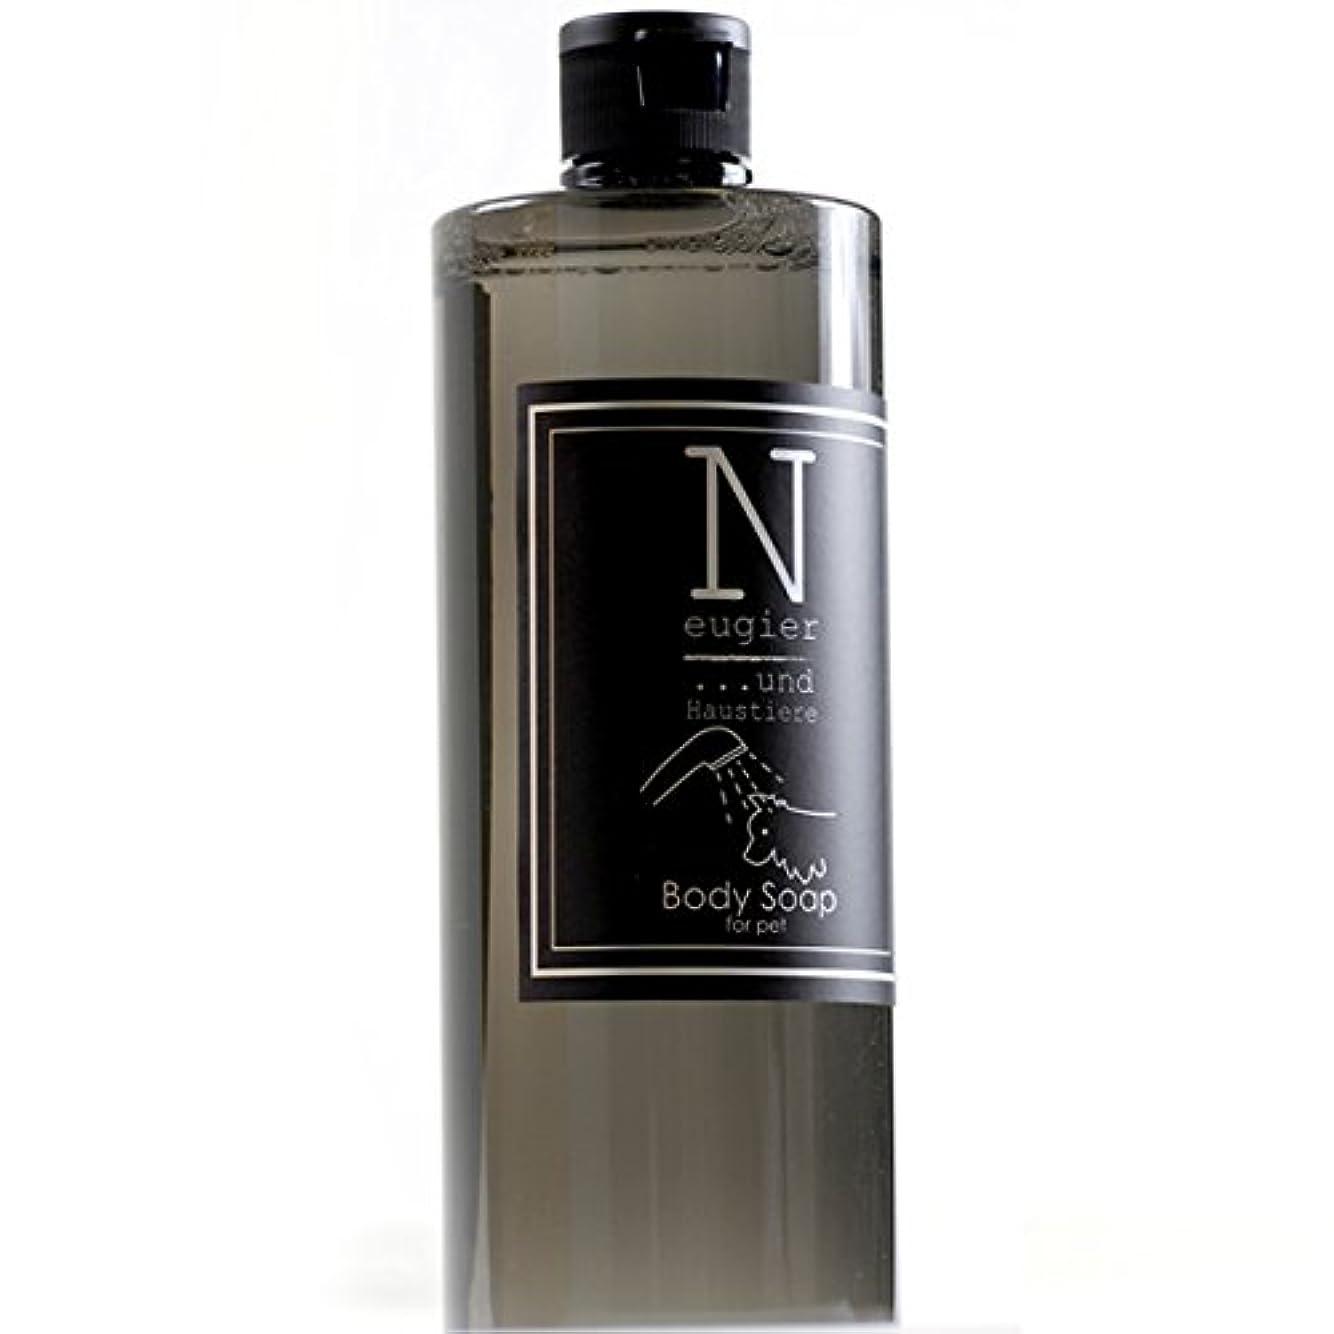 自殺中止します完璧なNeugier ケアシリーズ body Soap (ボディーソープ/ペットシャンプー) (500)